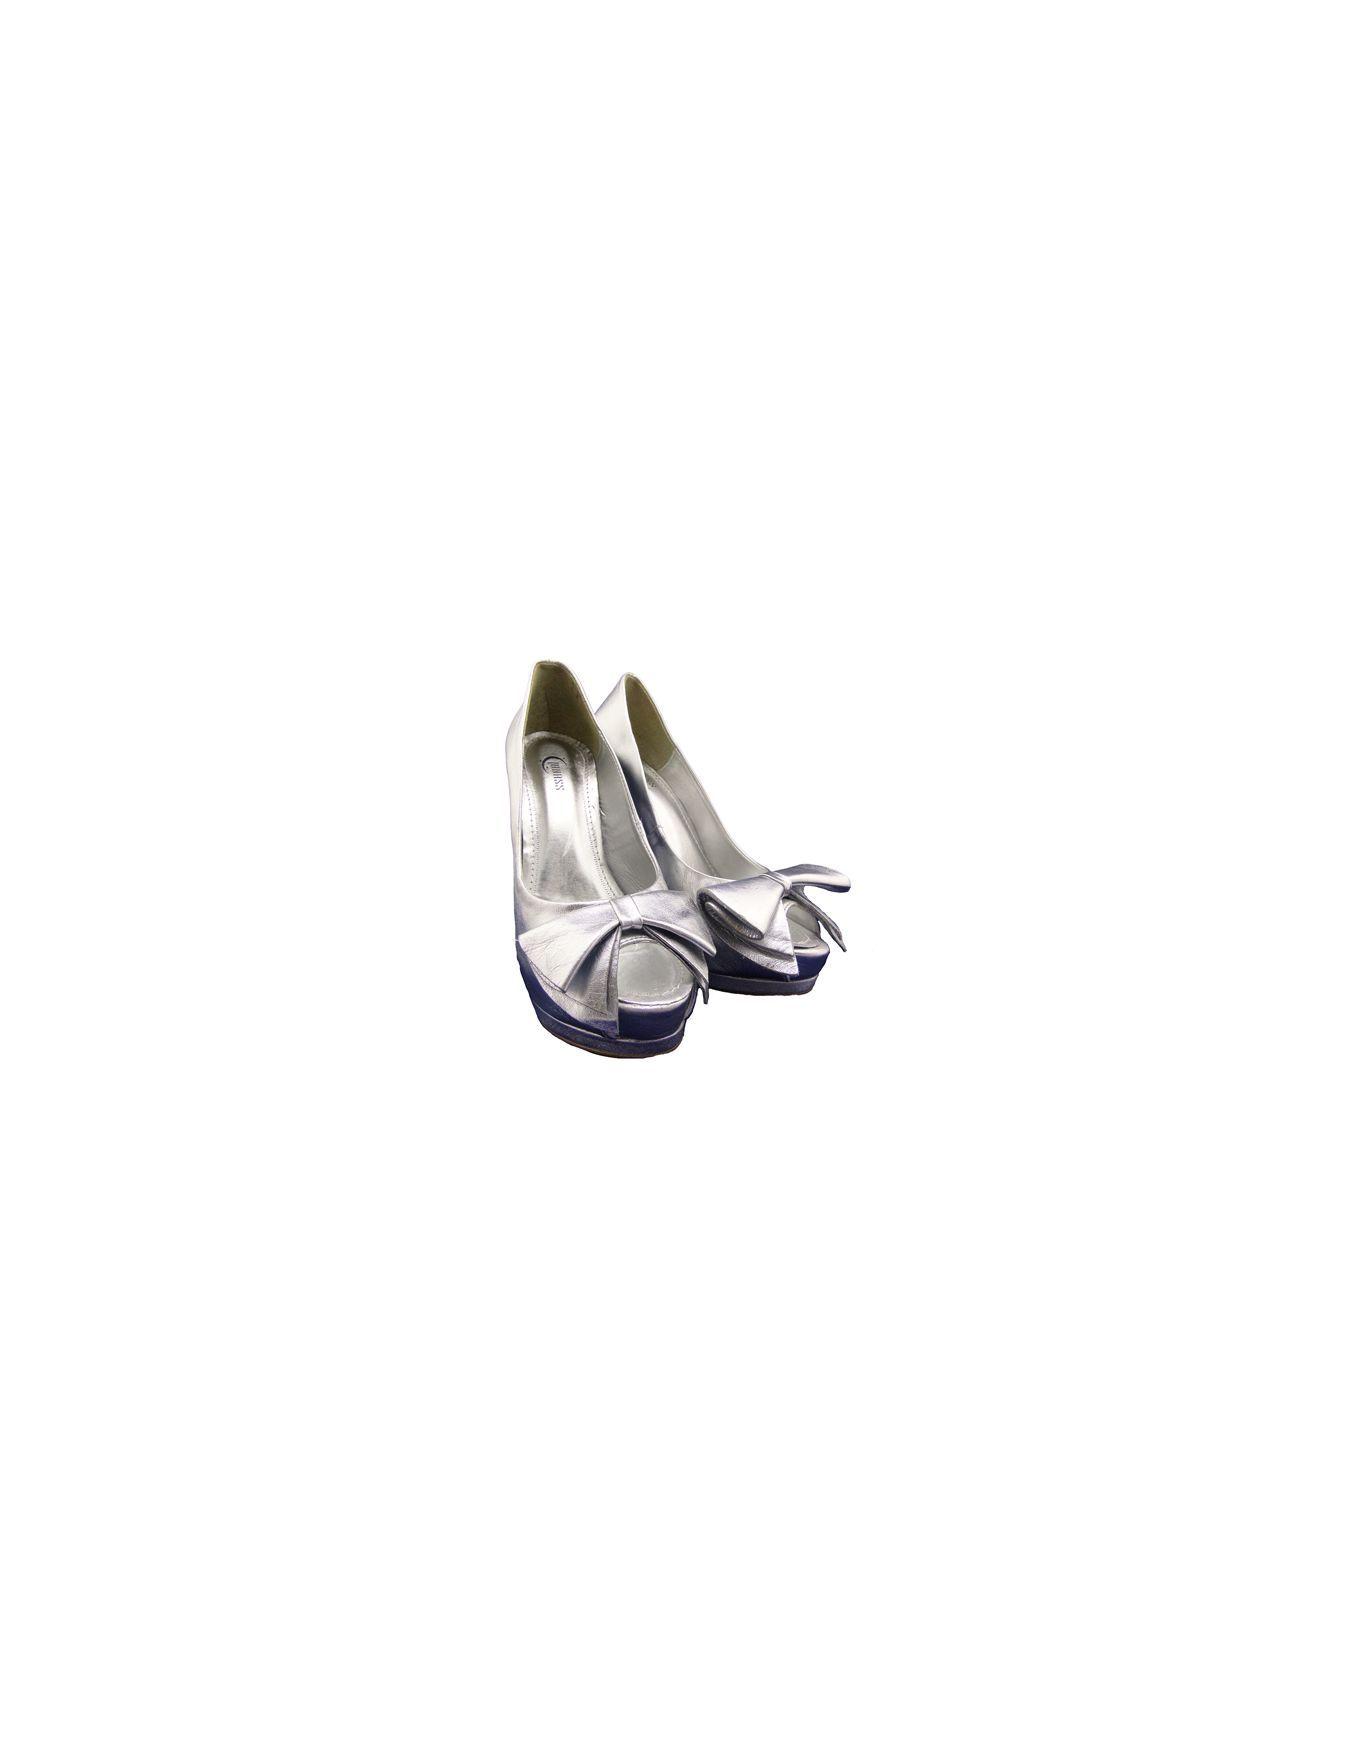 Calçados femininos de festa http://blacksuitdress.com.br/17-calcados #sapatofeminino #sapatodefesta #modafesta